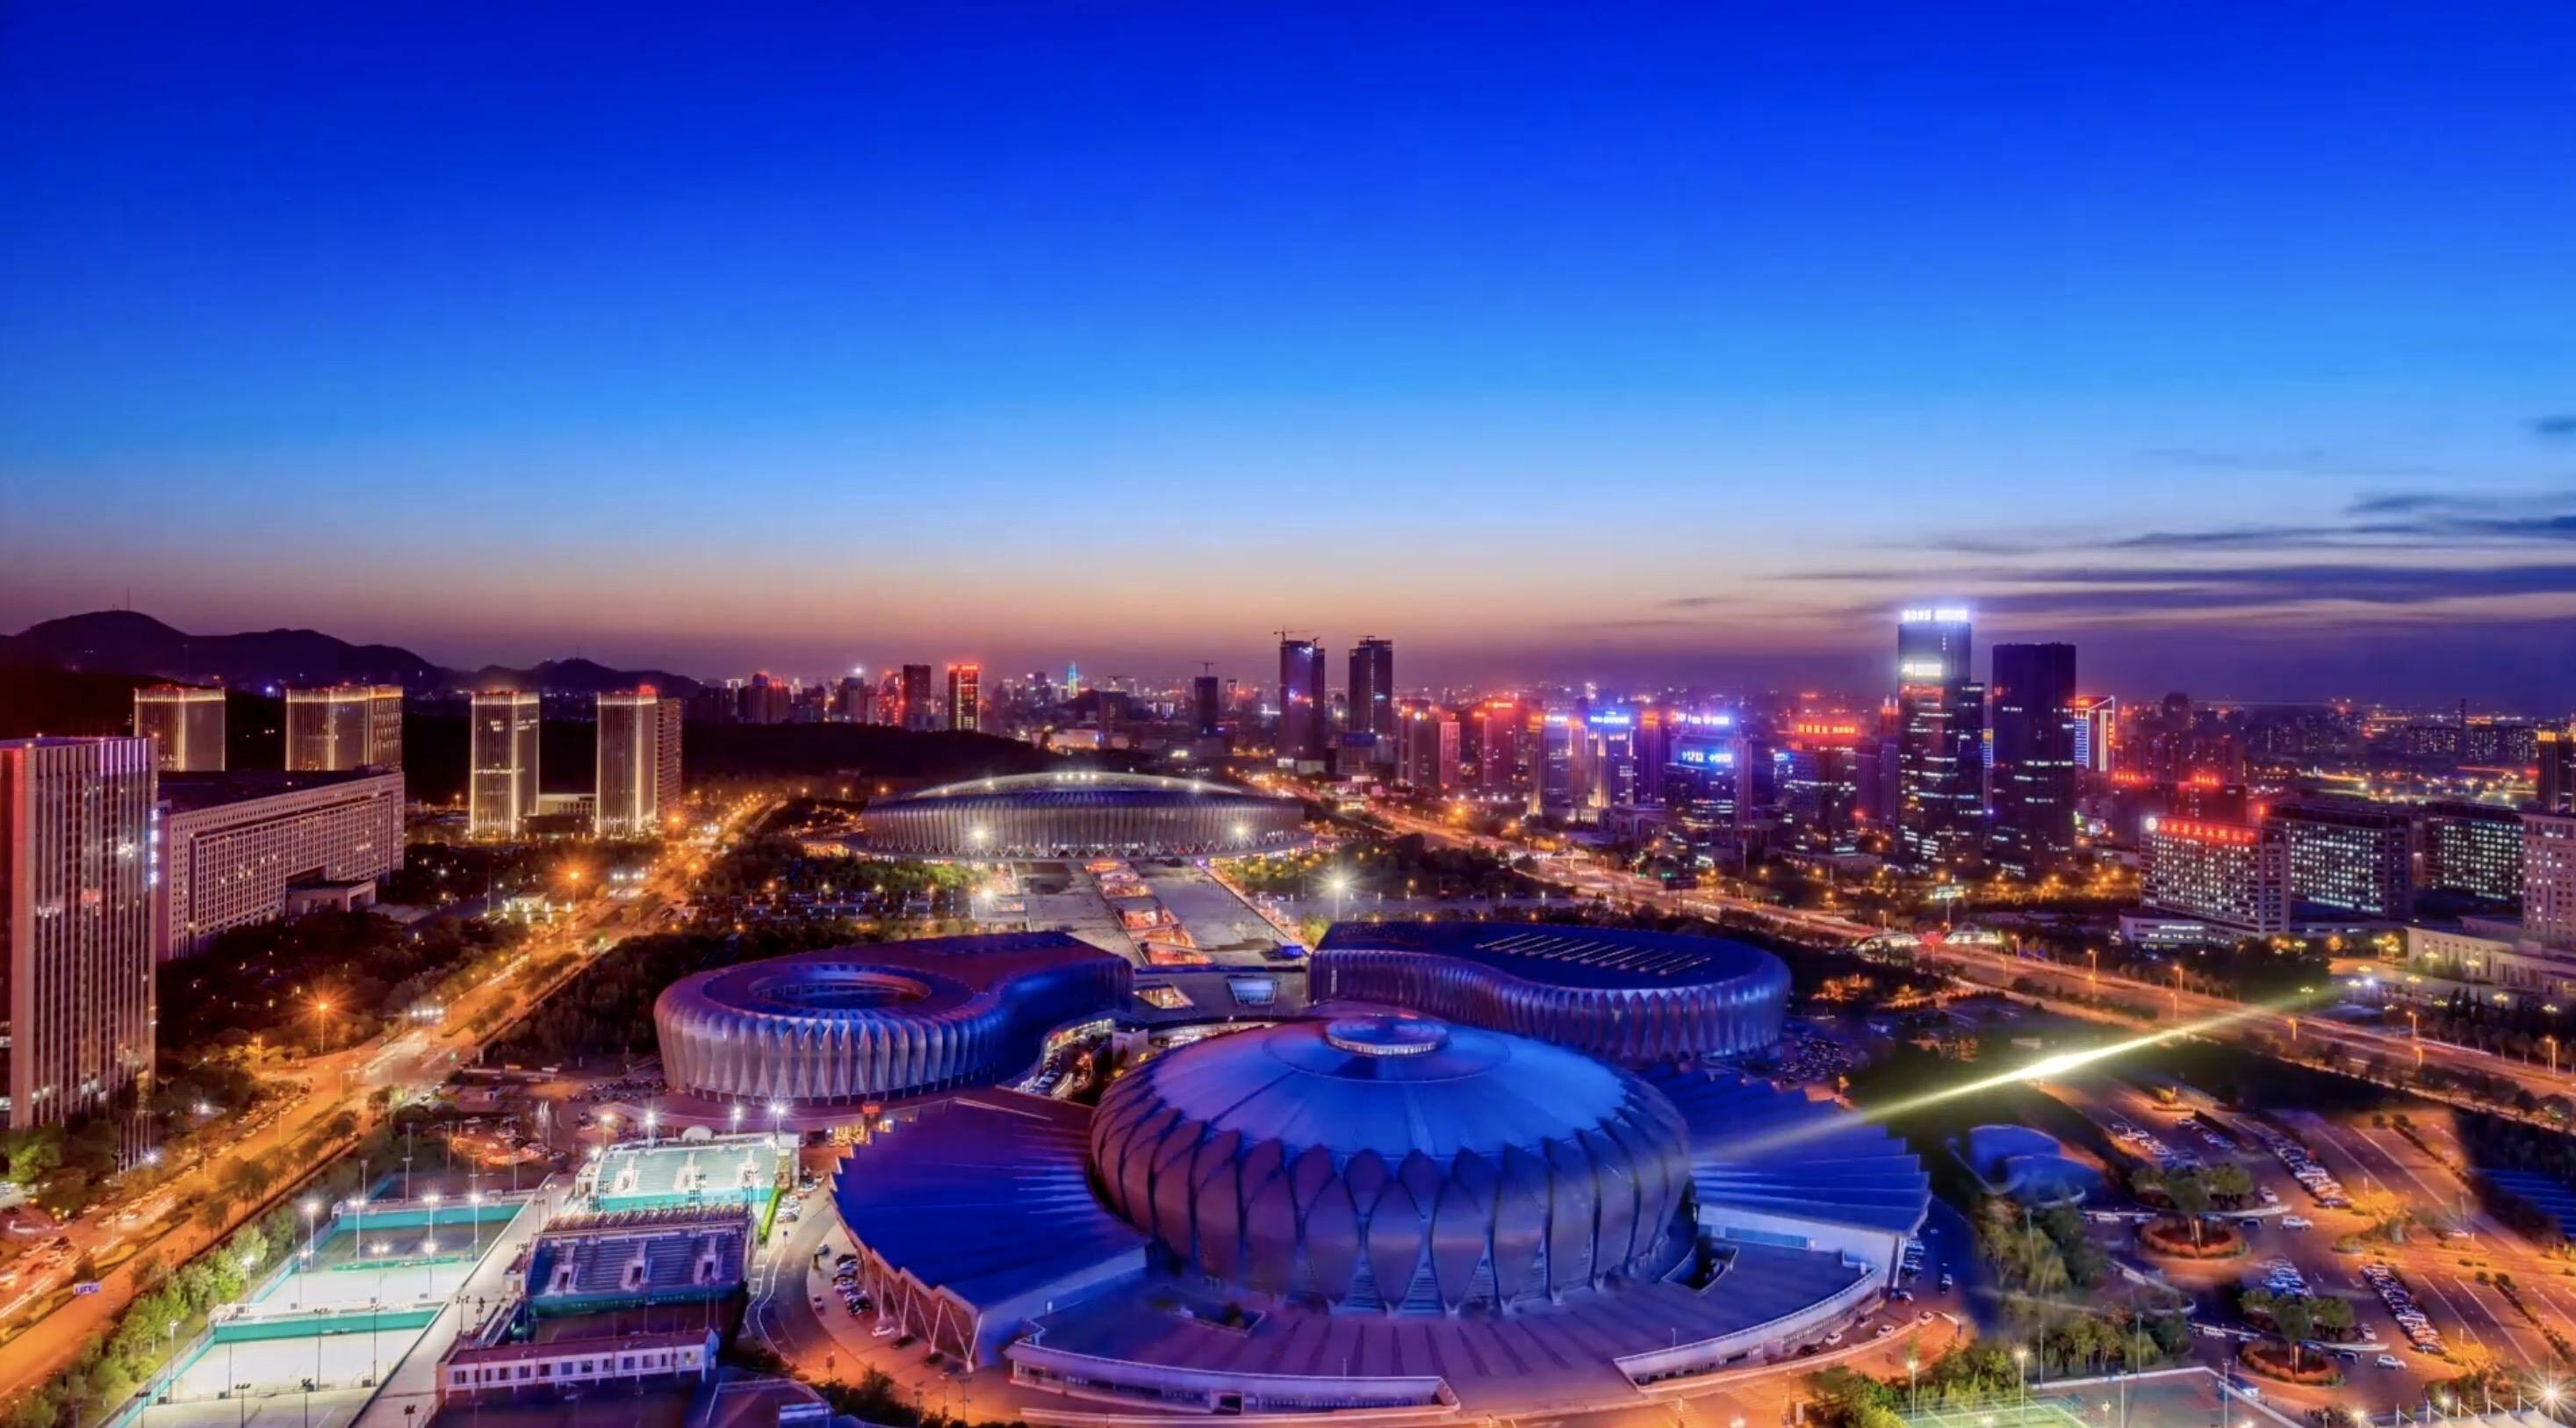 聚焦2021山东两会|从政府工作报告看济南未来的样子